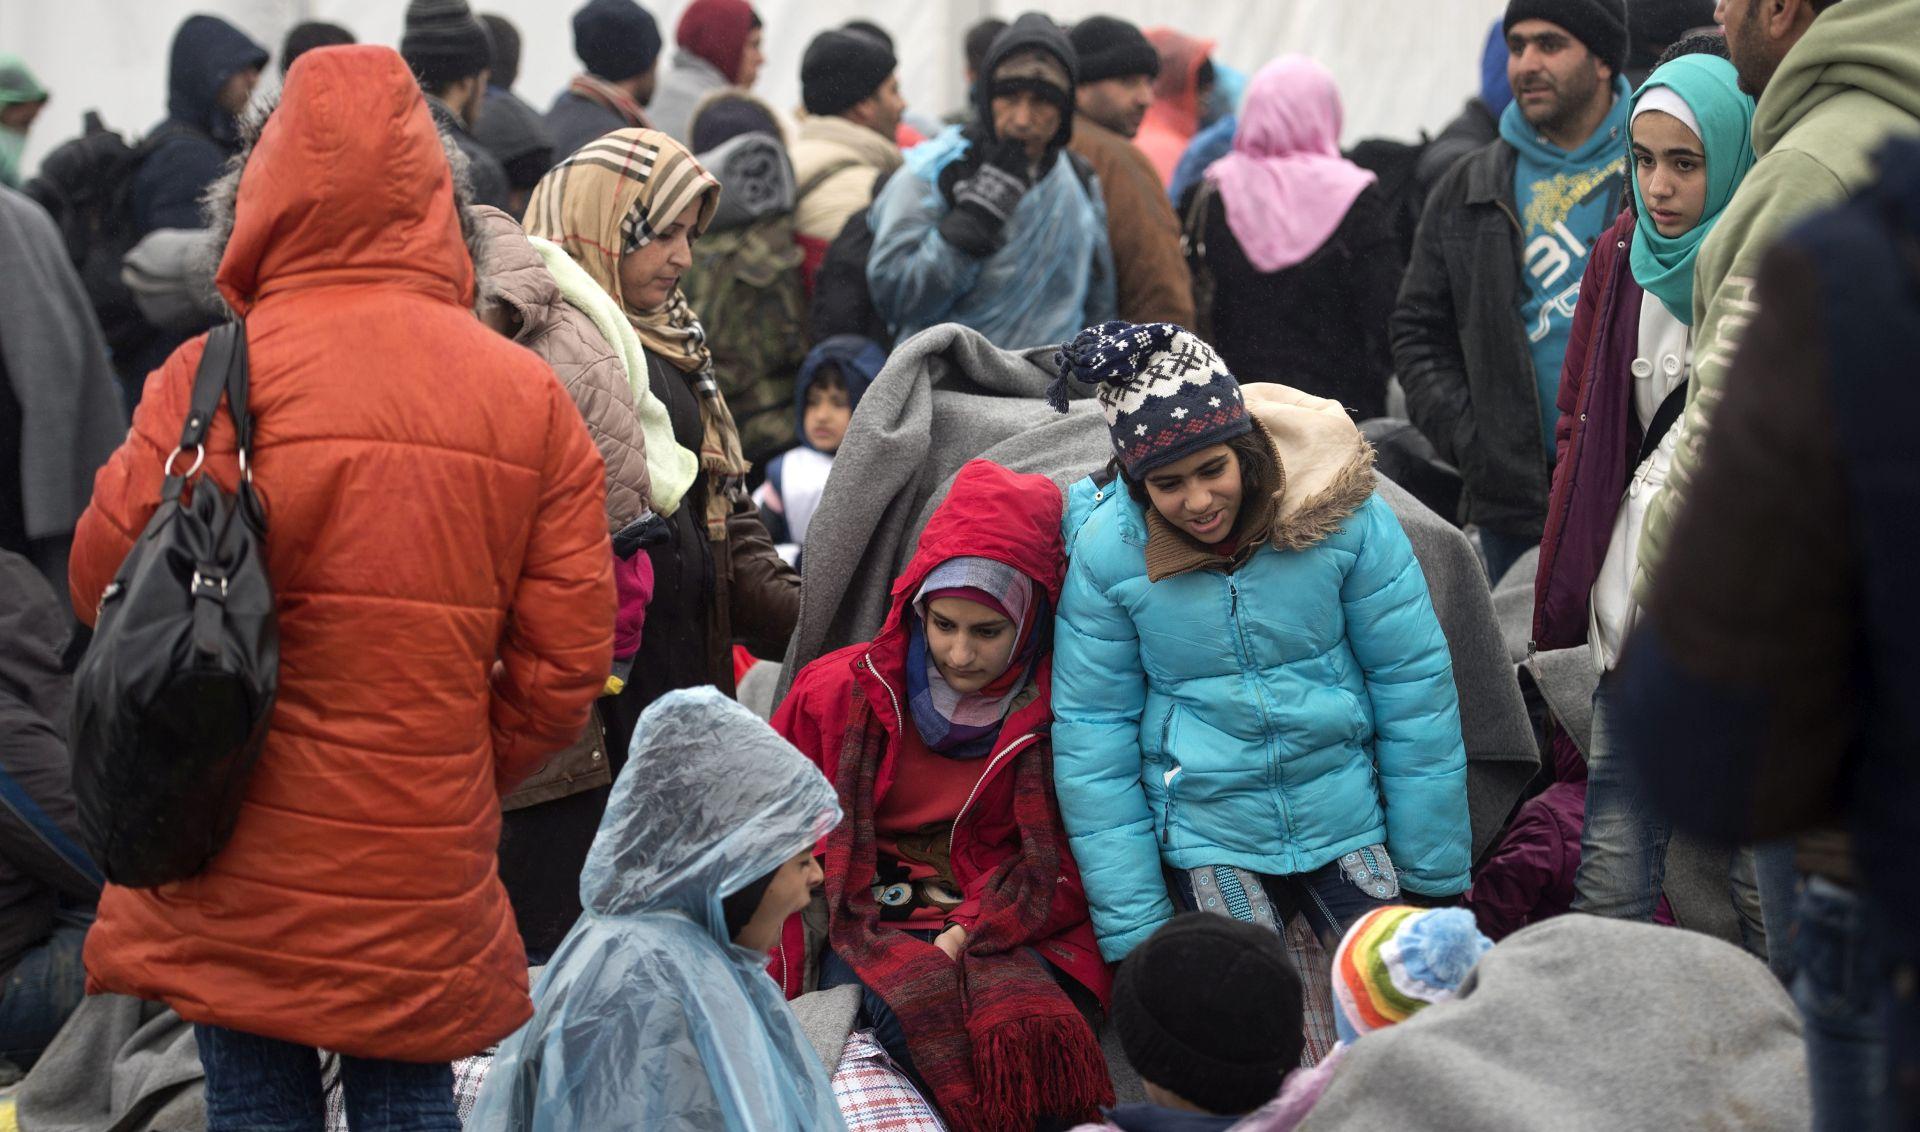 Njemačka vraća stotine migranata dnevno prema Austriji